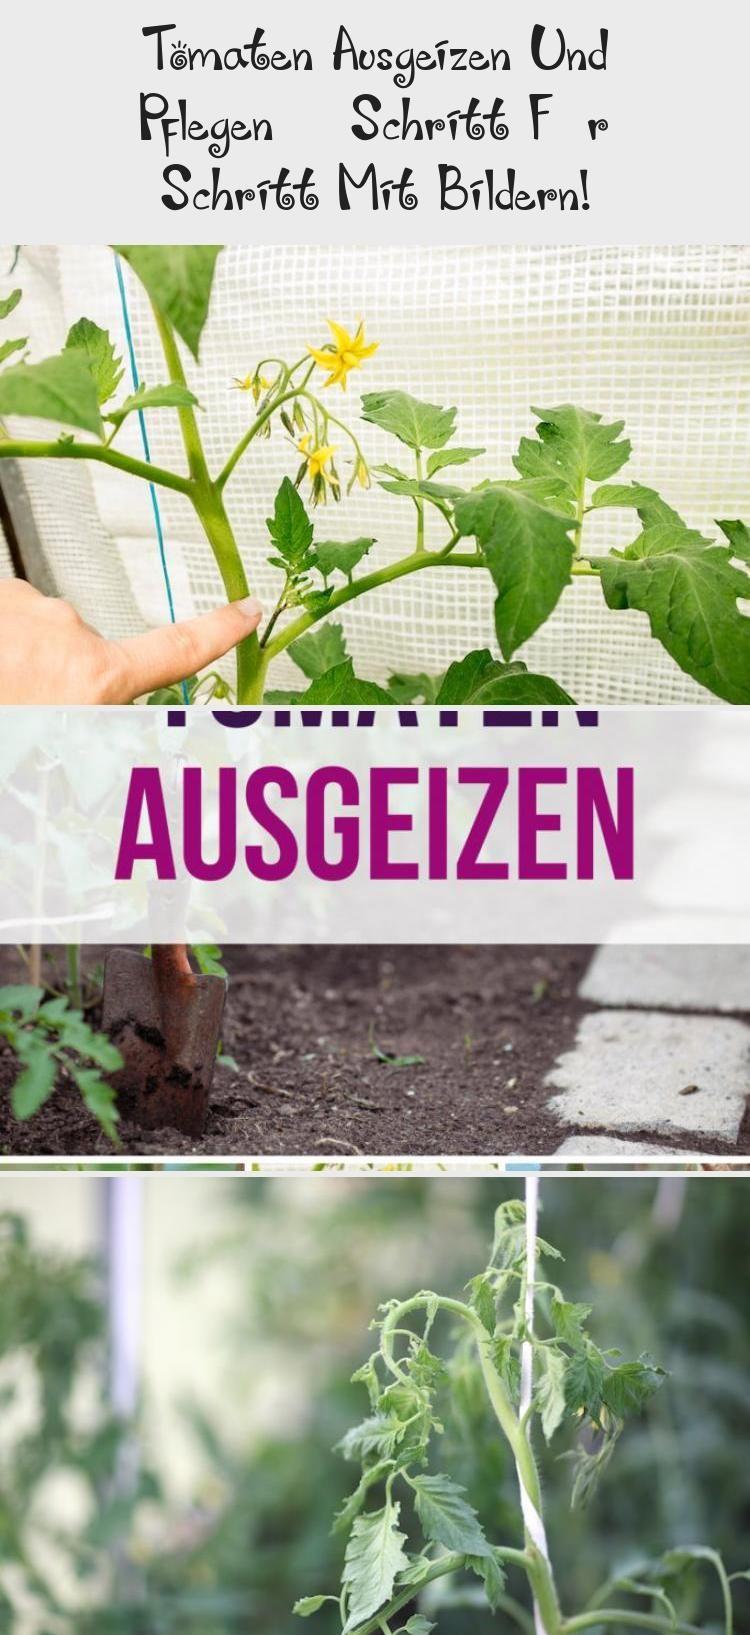 Tomaten Ausgeizen Und Pflegen Schritt Fur Schritt Mit Bildern Wenn Du Tomaten Pflanzen Und Anbaut Mochtest Egal Ob Im Gemusegarten T In 2020 Plants Pictures Herbs